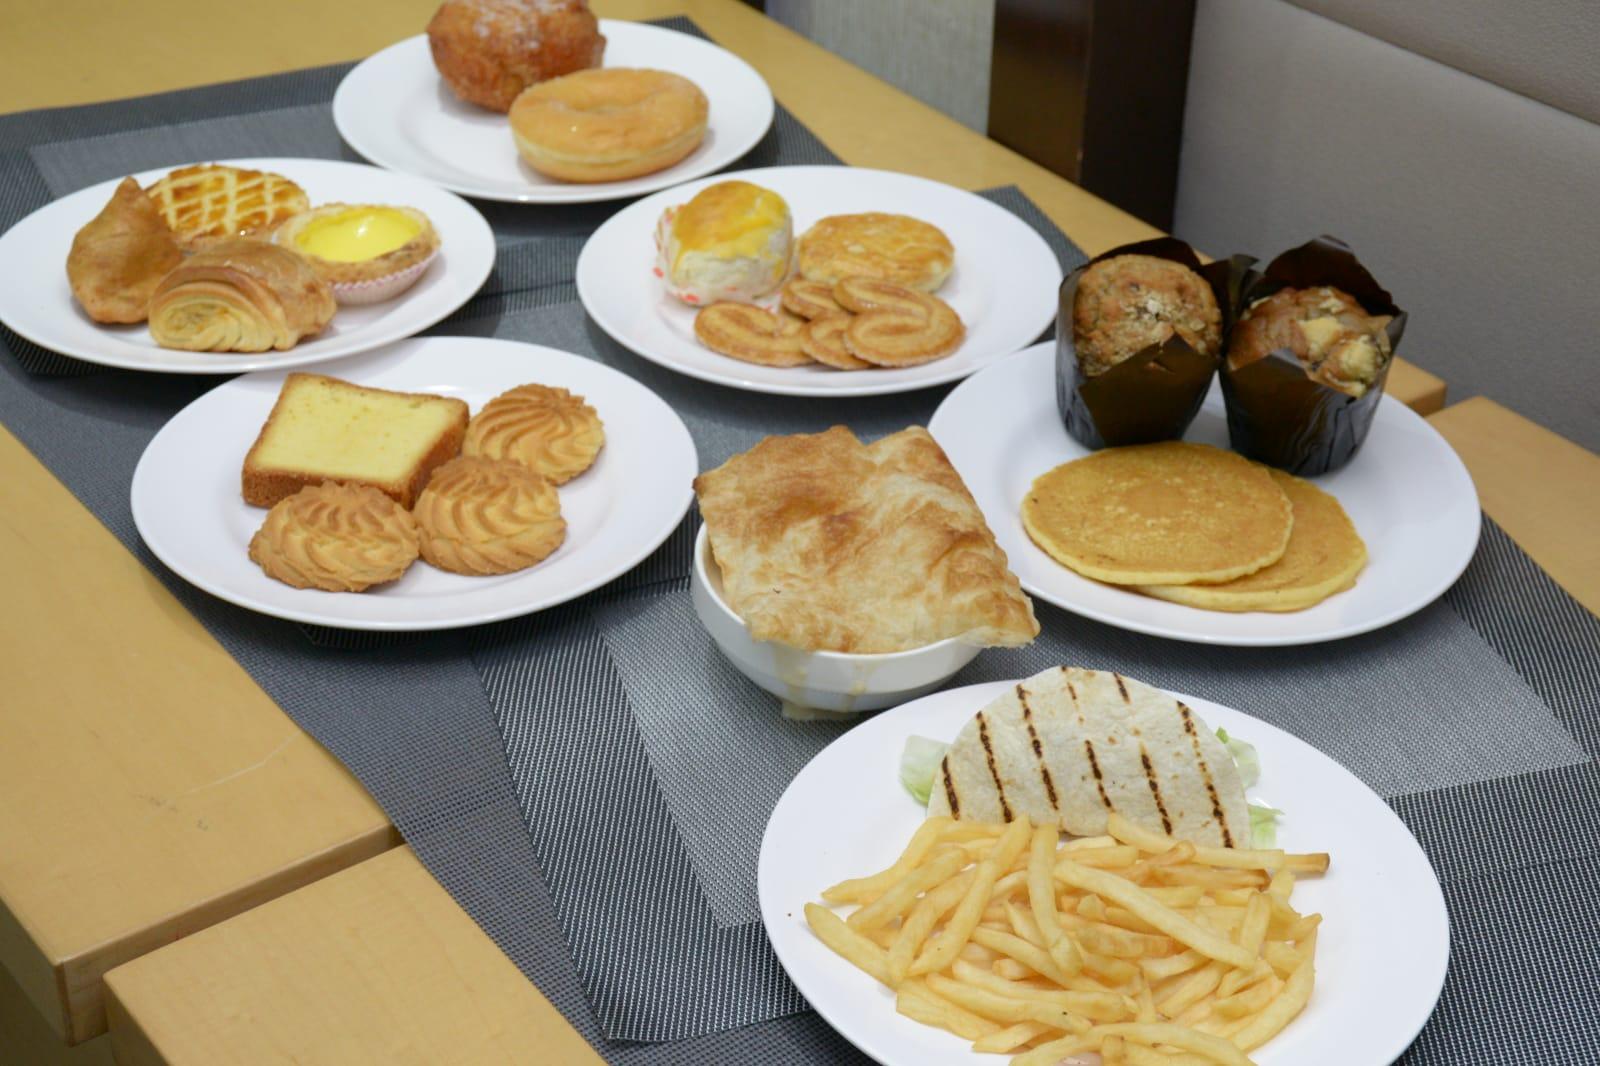 消委會指19款預先包裝食品反式脂肪超標。